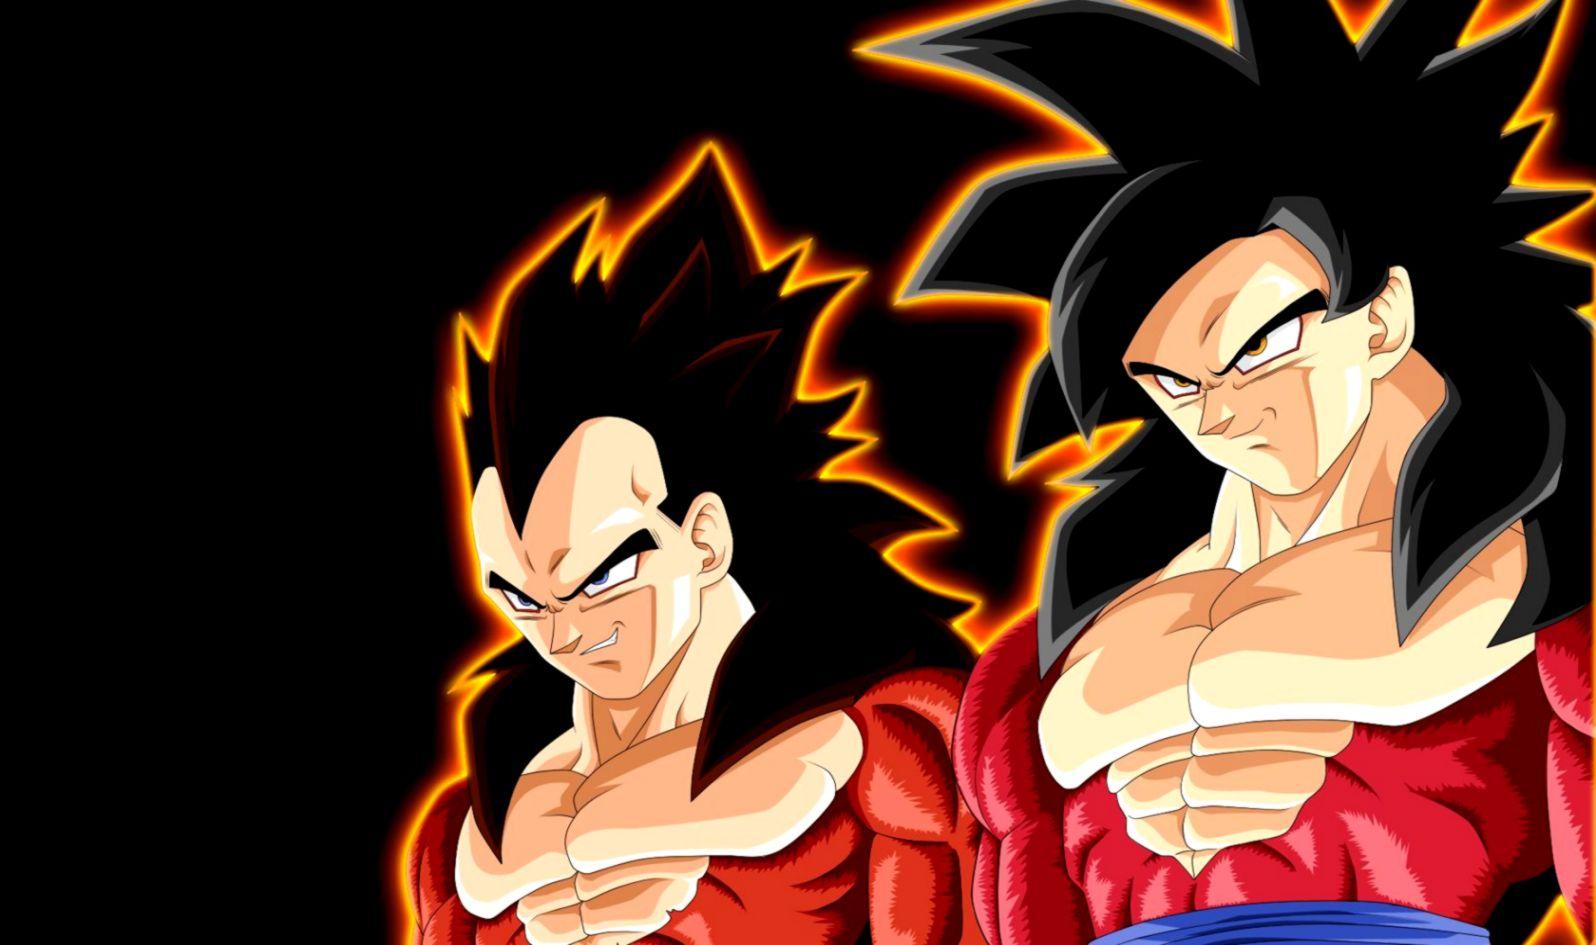 Dragon Ball Z Super Saiyan Goku Vs Vegeta Wallpaper Hd Wallpaper